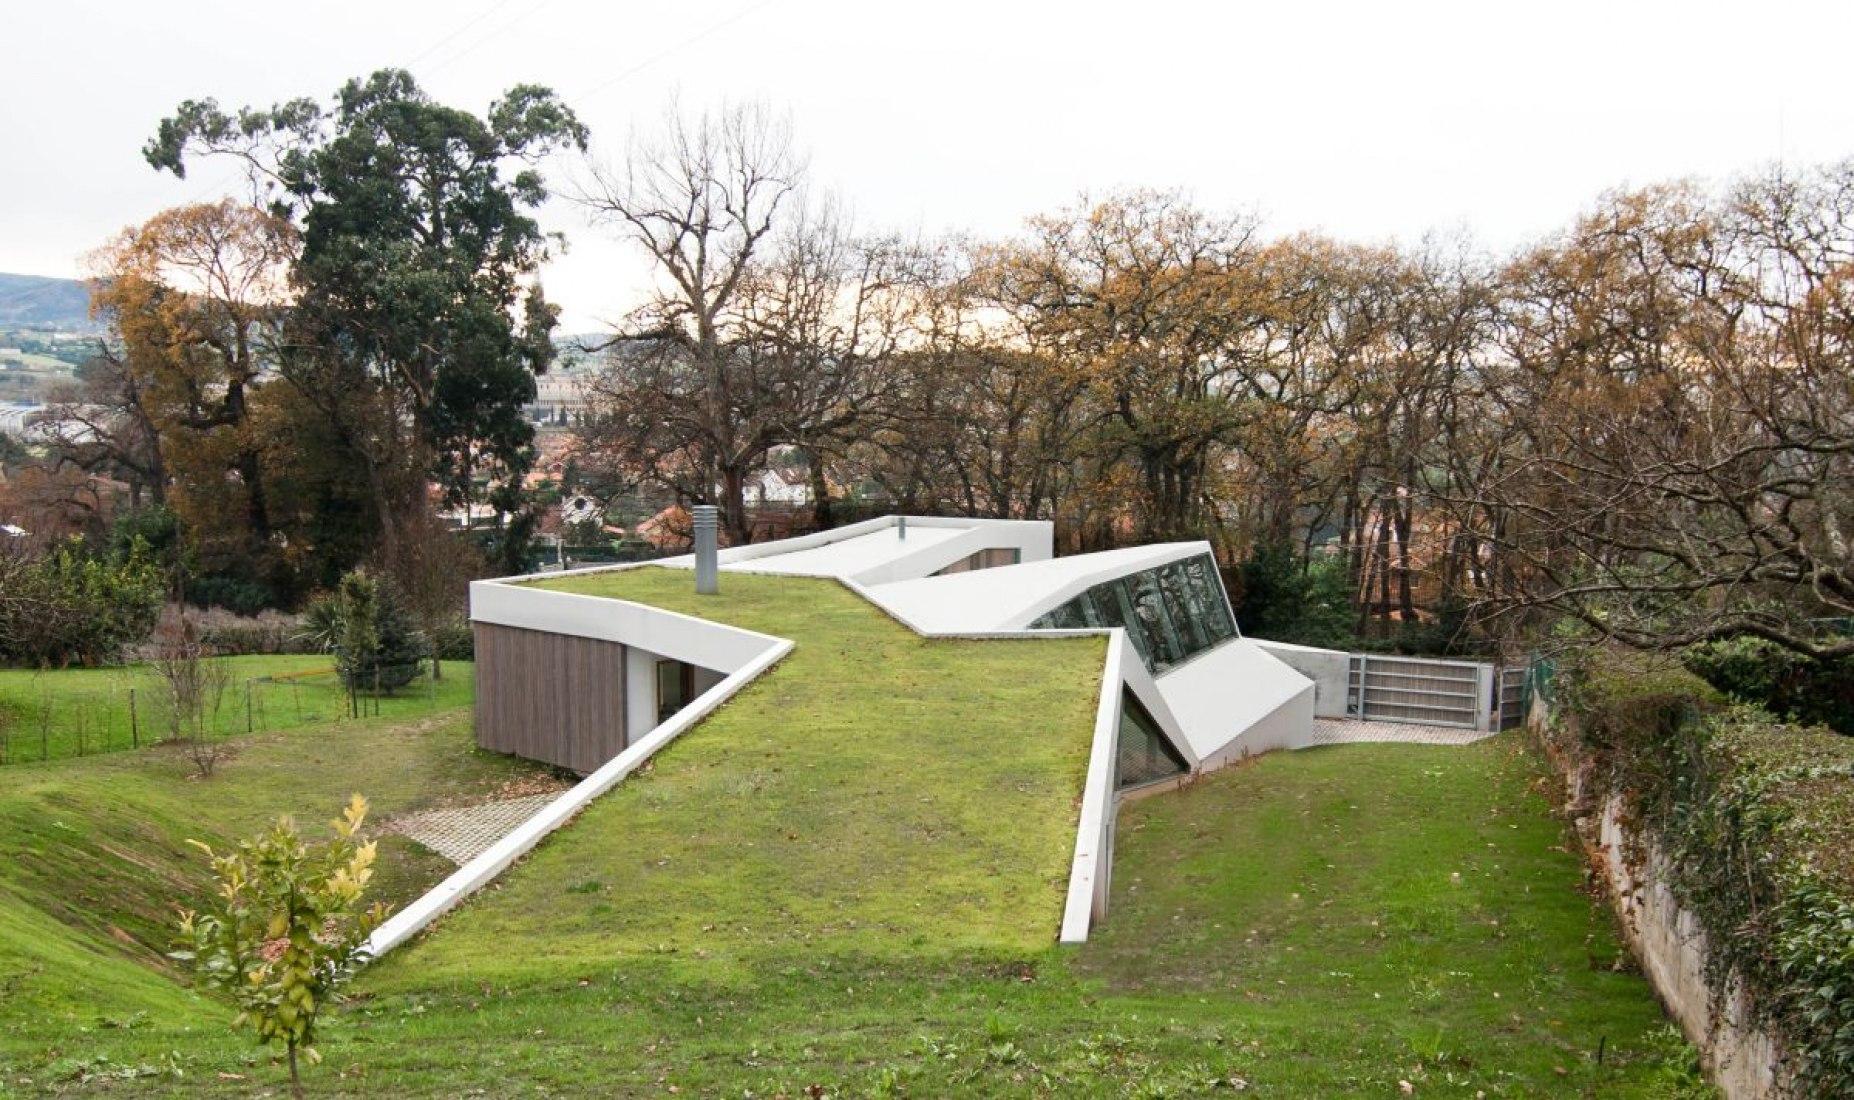 Vista de la cubierta. Vivienda y estudio para la artista Lara Ríos. Cortesía de F451 Arquitectura.